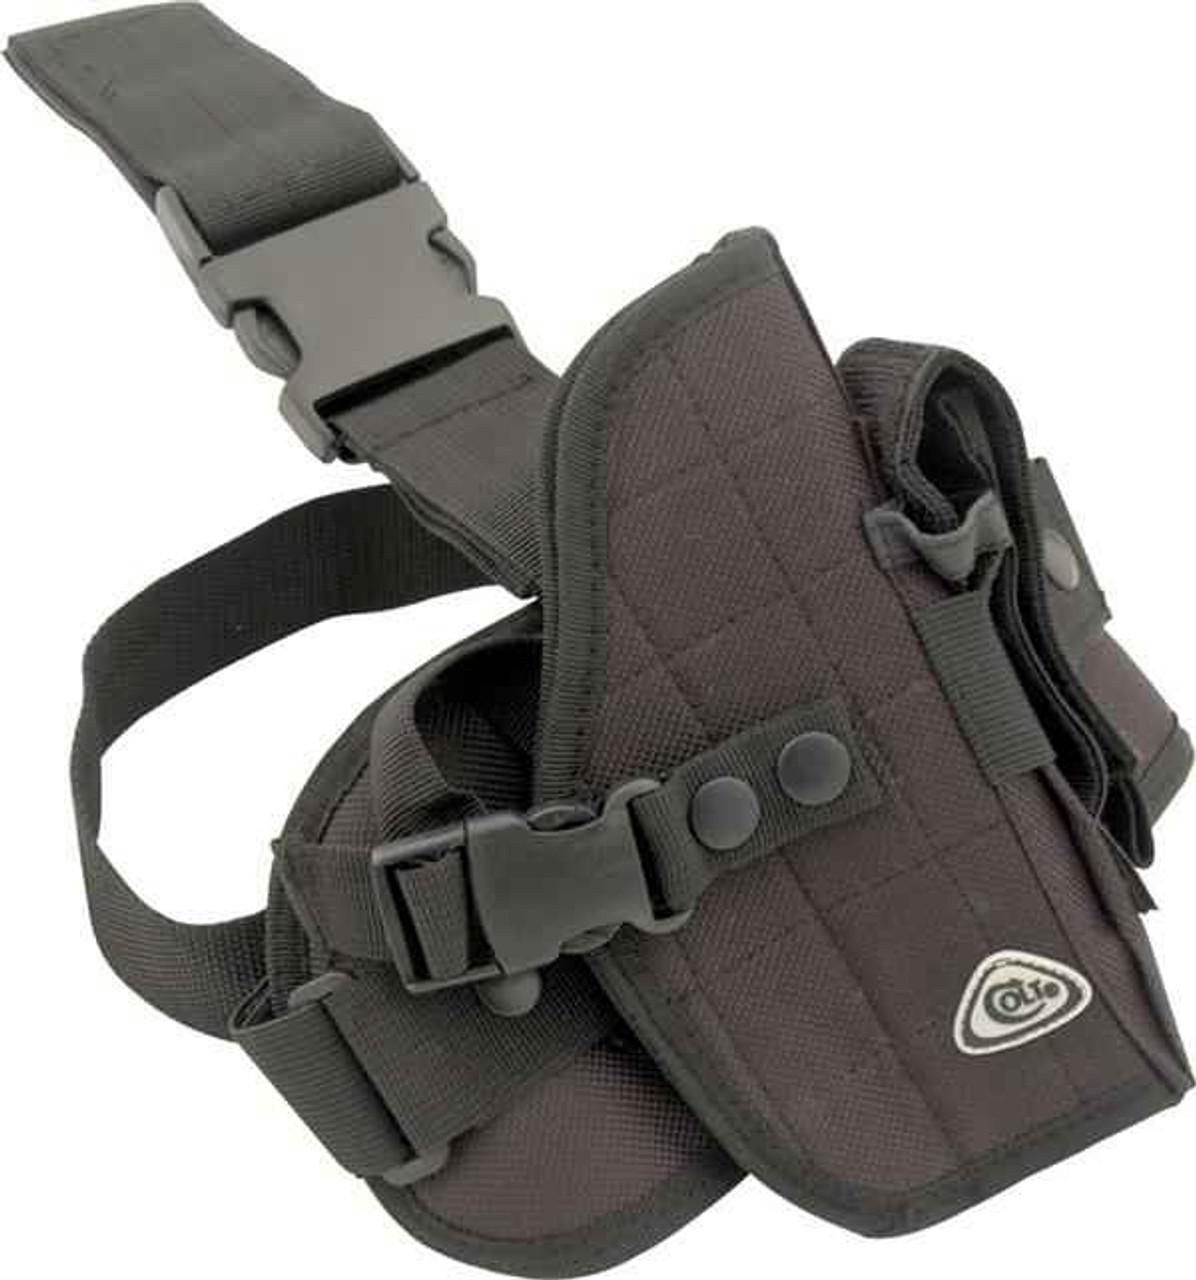 Colt Tactical Gear Universal Semi-Automatic Handgun Drop Leg Holster